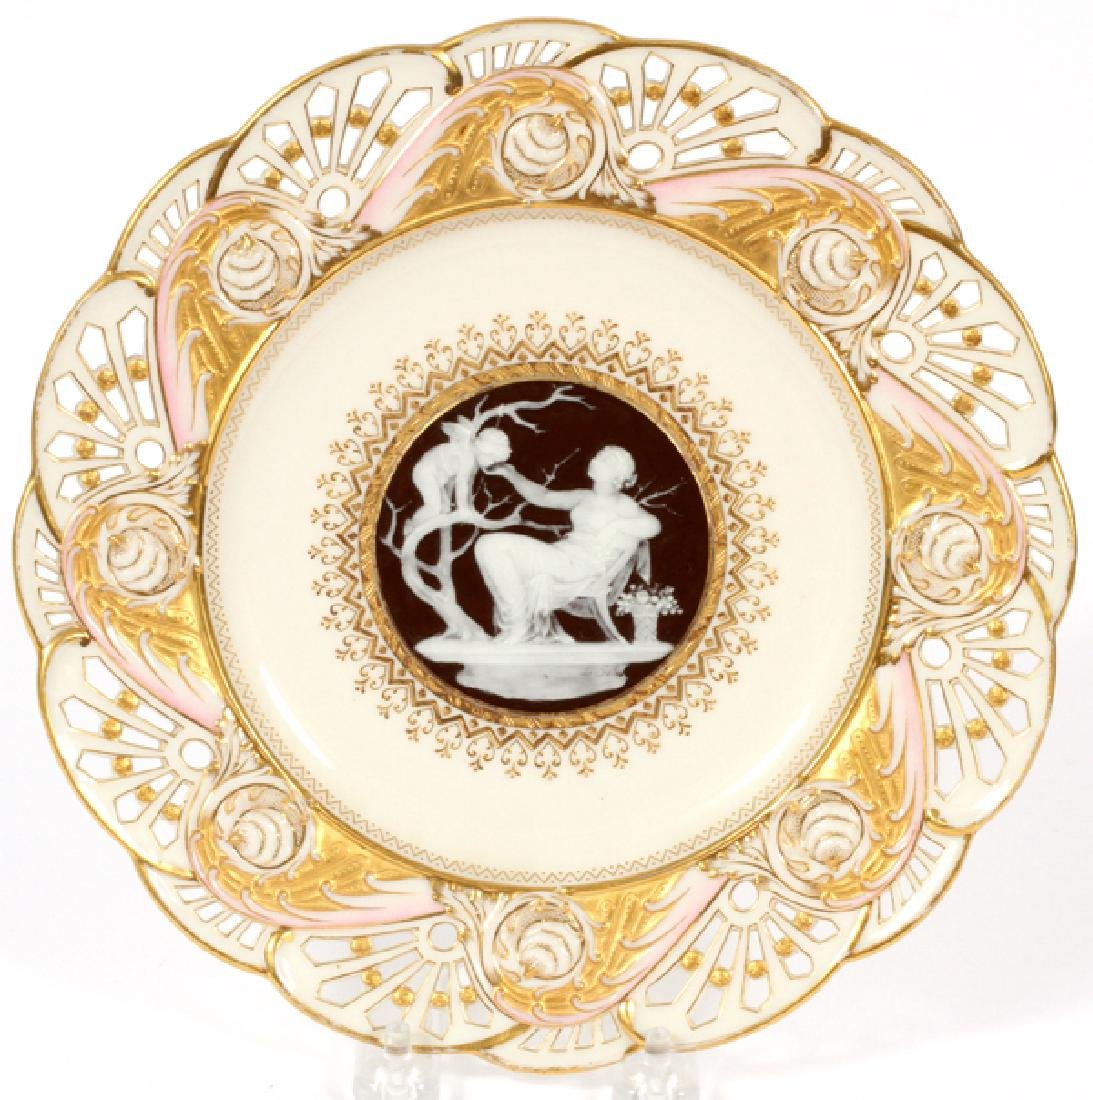 MINTONS PATE-SUR-PATE PORCELAIN PLATE BY SOLON 1886